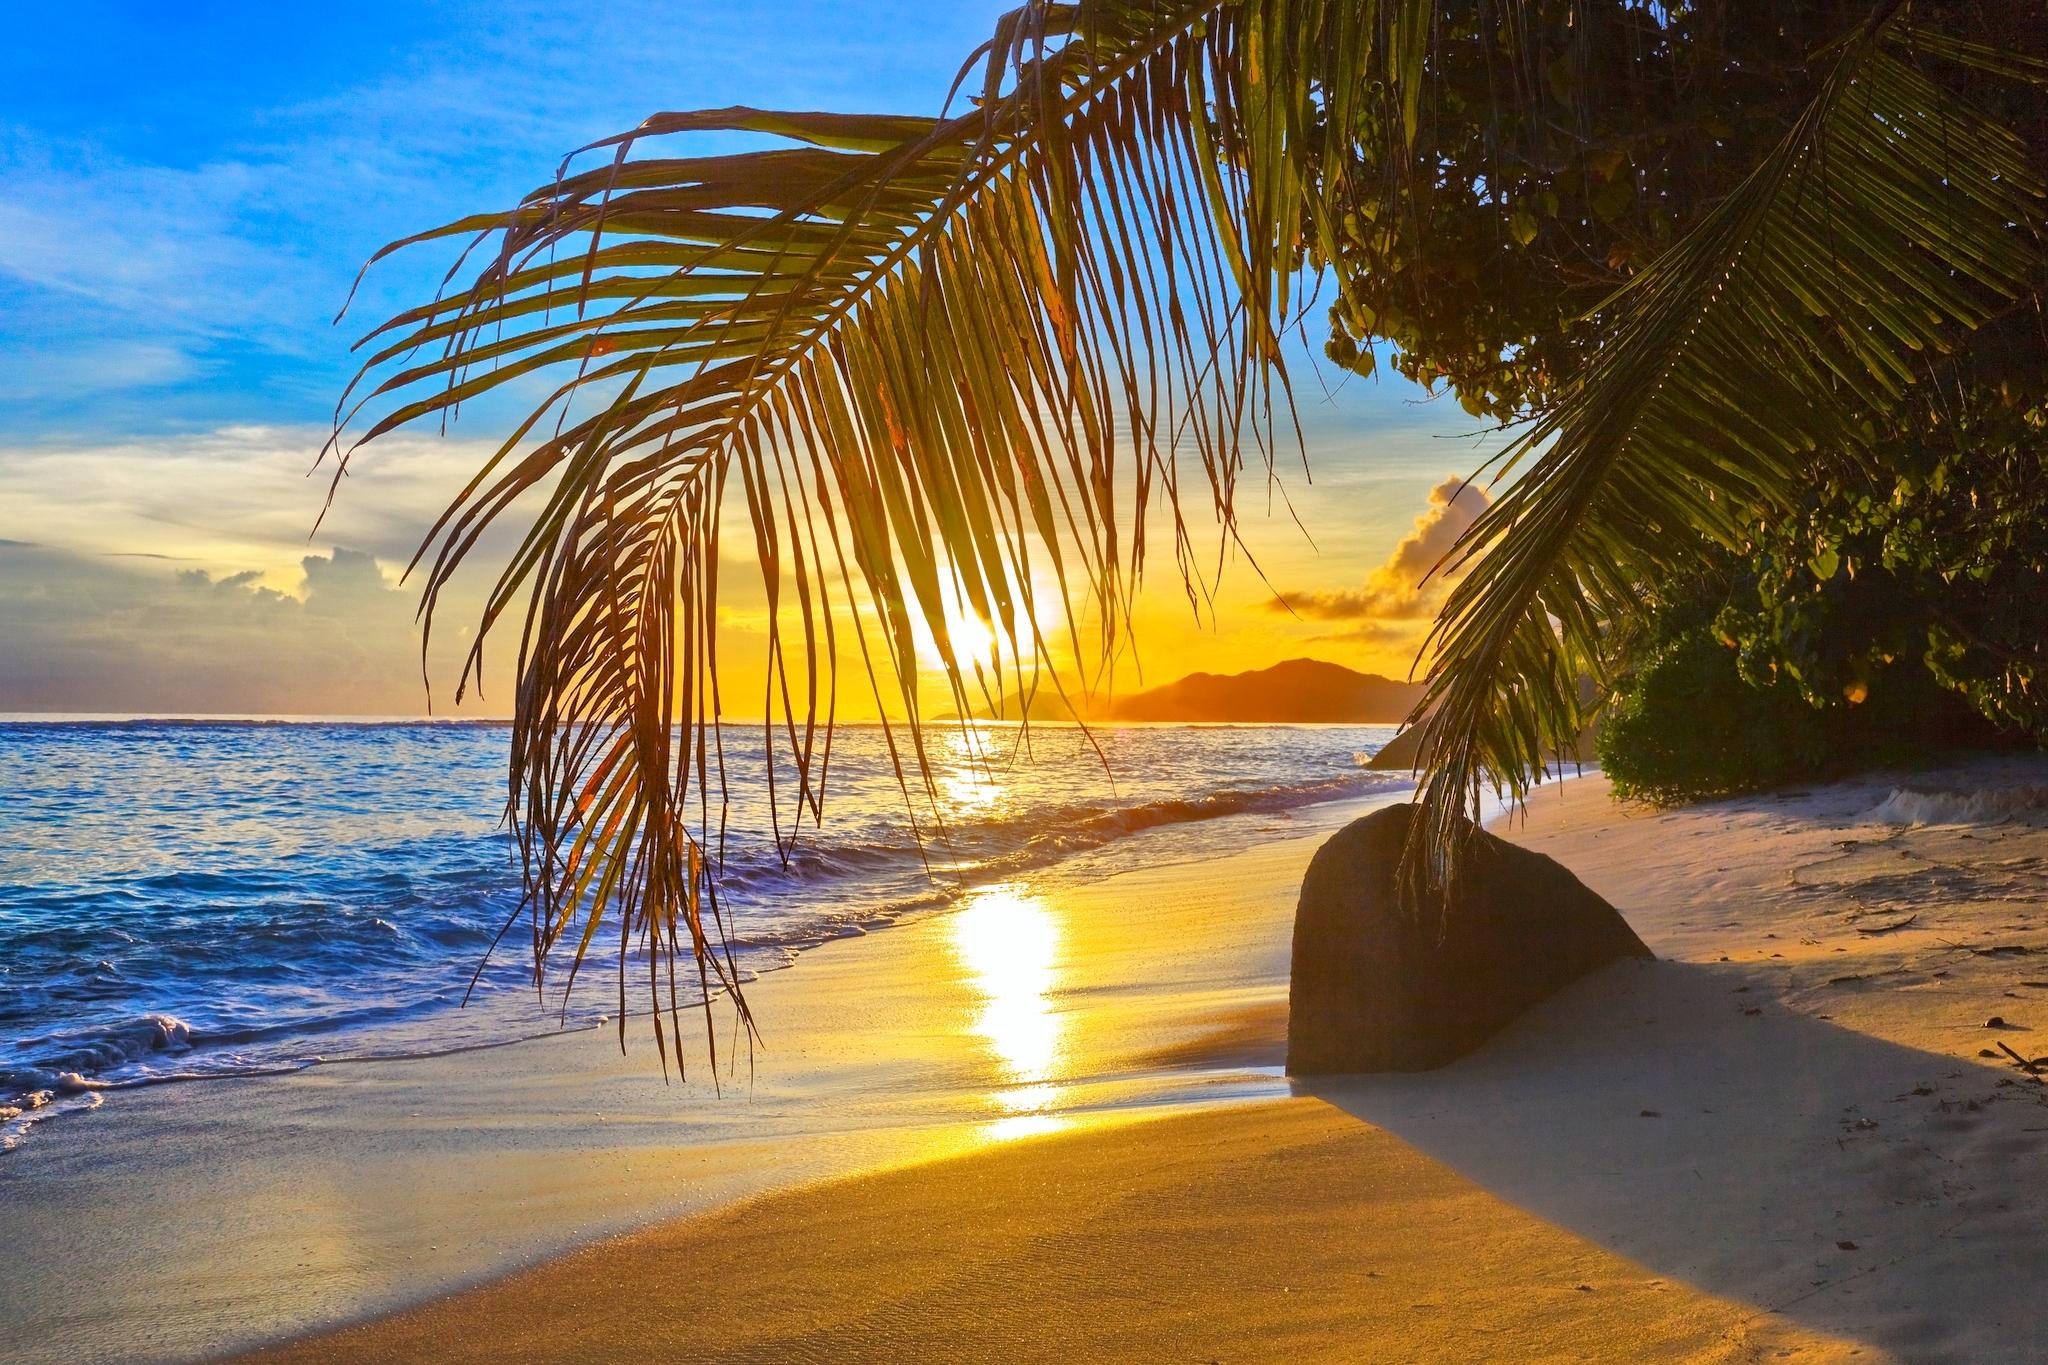 fotos von strand meer natur palmen